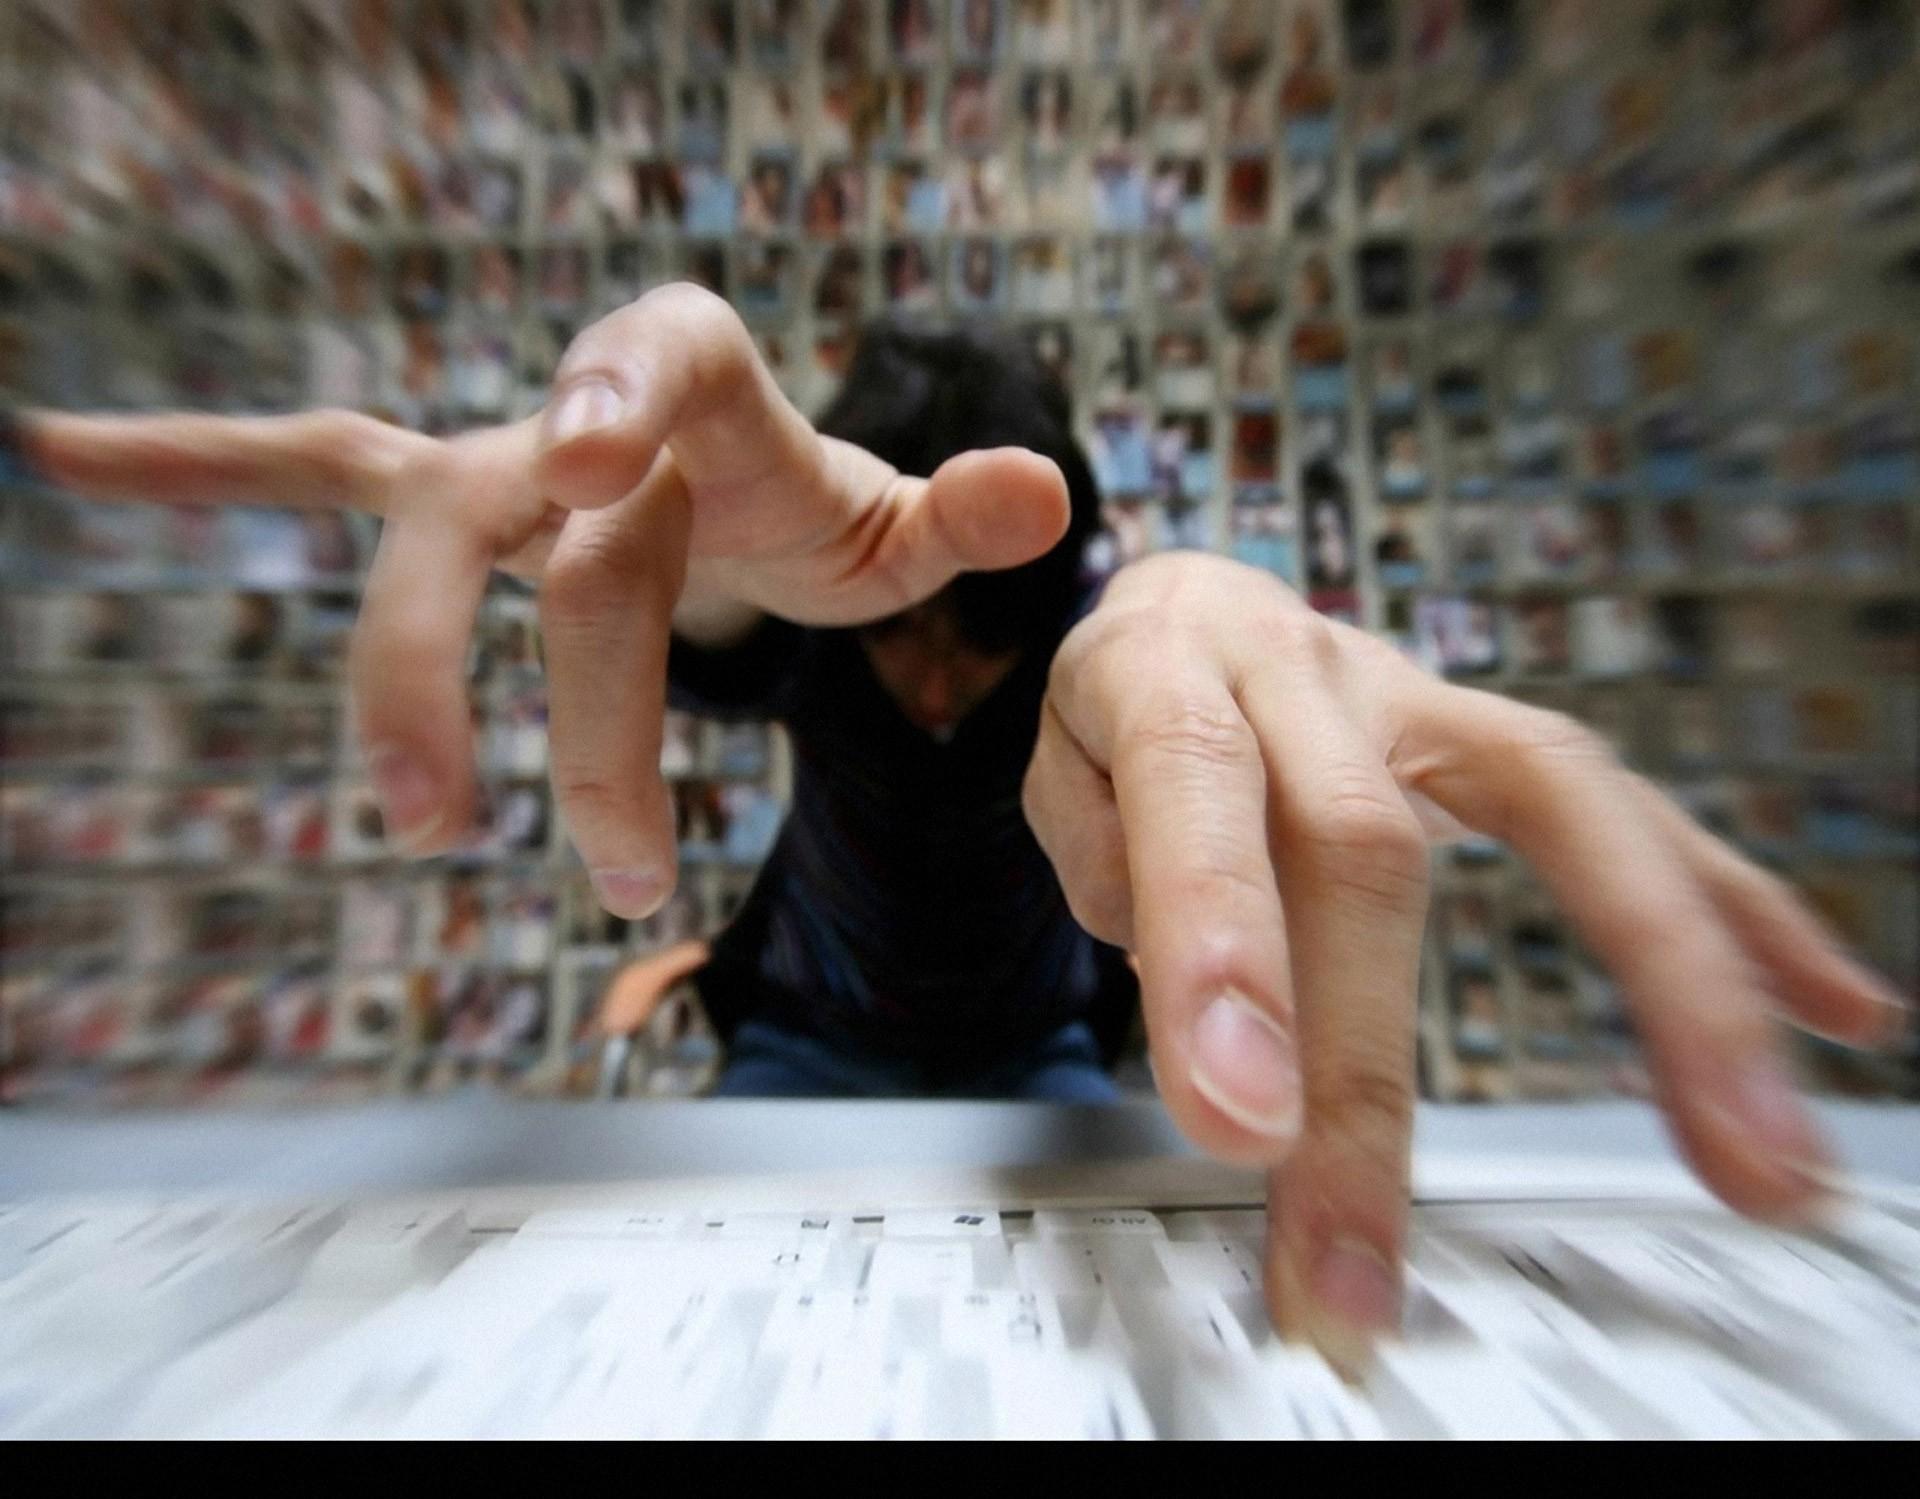 不死鸟自由上网、动漫图片、高清壁纸、美女图片、高清大图、手机壁纸、电脑壁纸、桌面壁纸、封面图片、欧美图片、小清新图片、好看的图片、风景图片